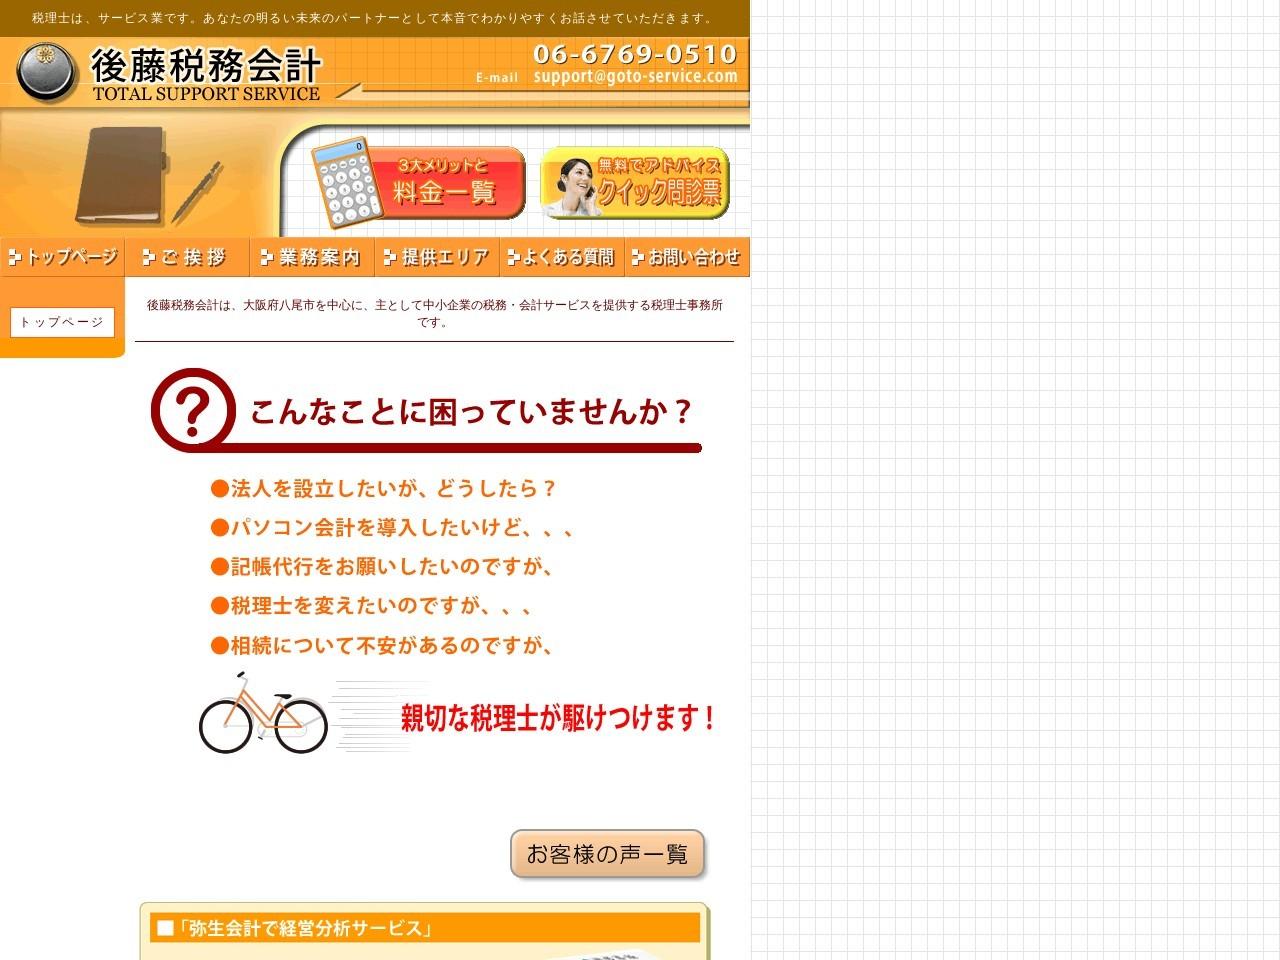 後藤税務会計トータルサポートサービス